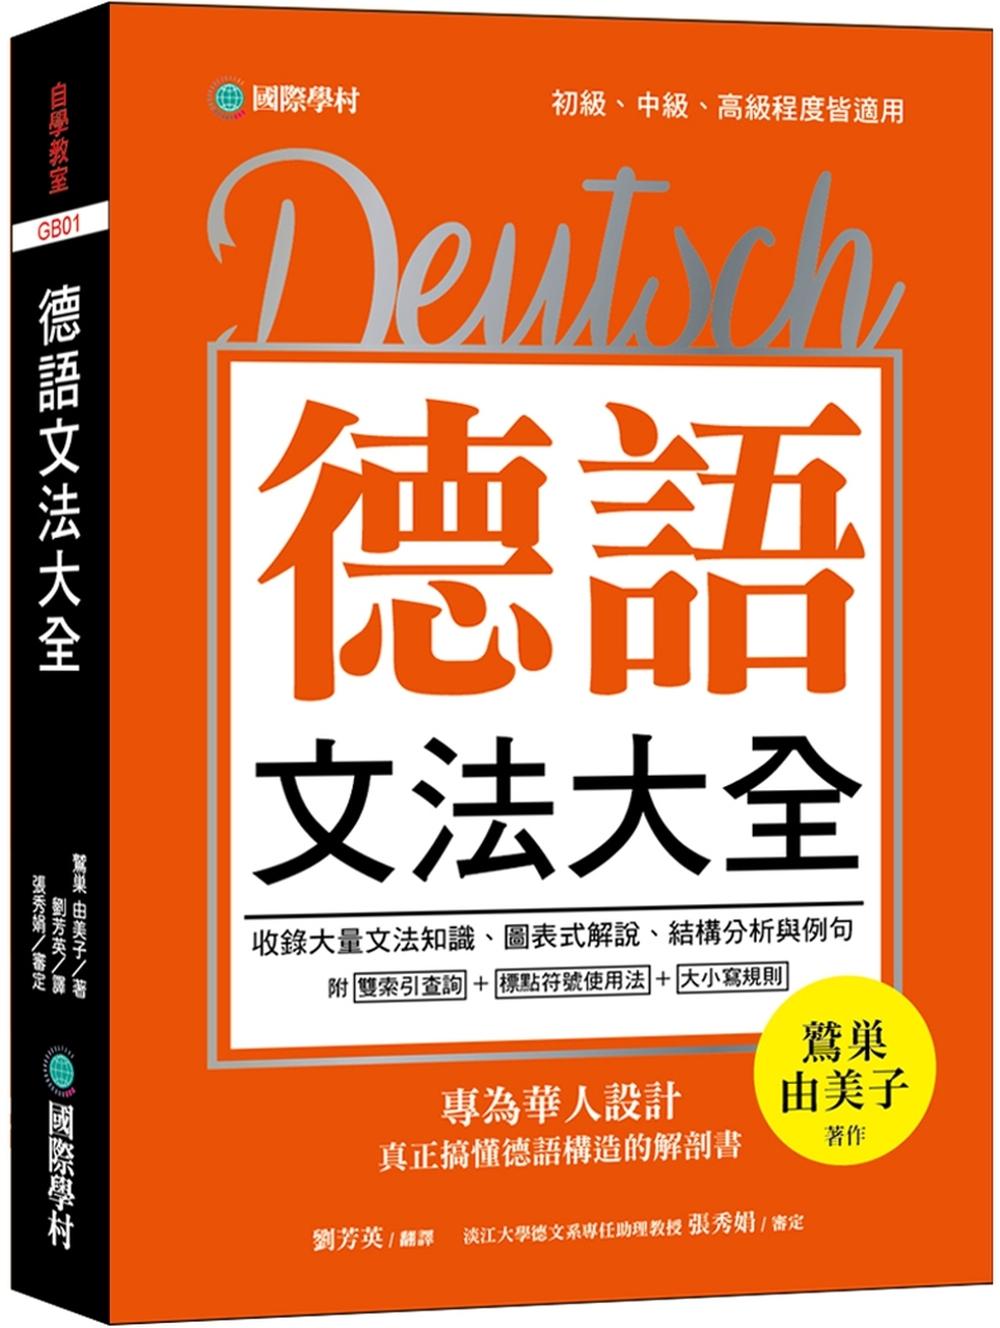 ◤博客來BOOKS◢ 暢銷書榜《推薦》德語文法大全:專為華人設計,真正搞懂德語構造的解剖書(附中、德文雙索引查詢)